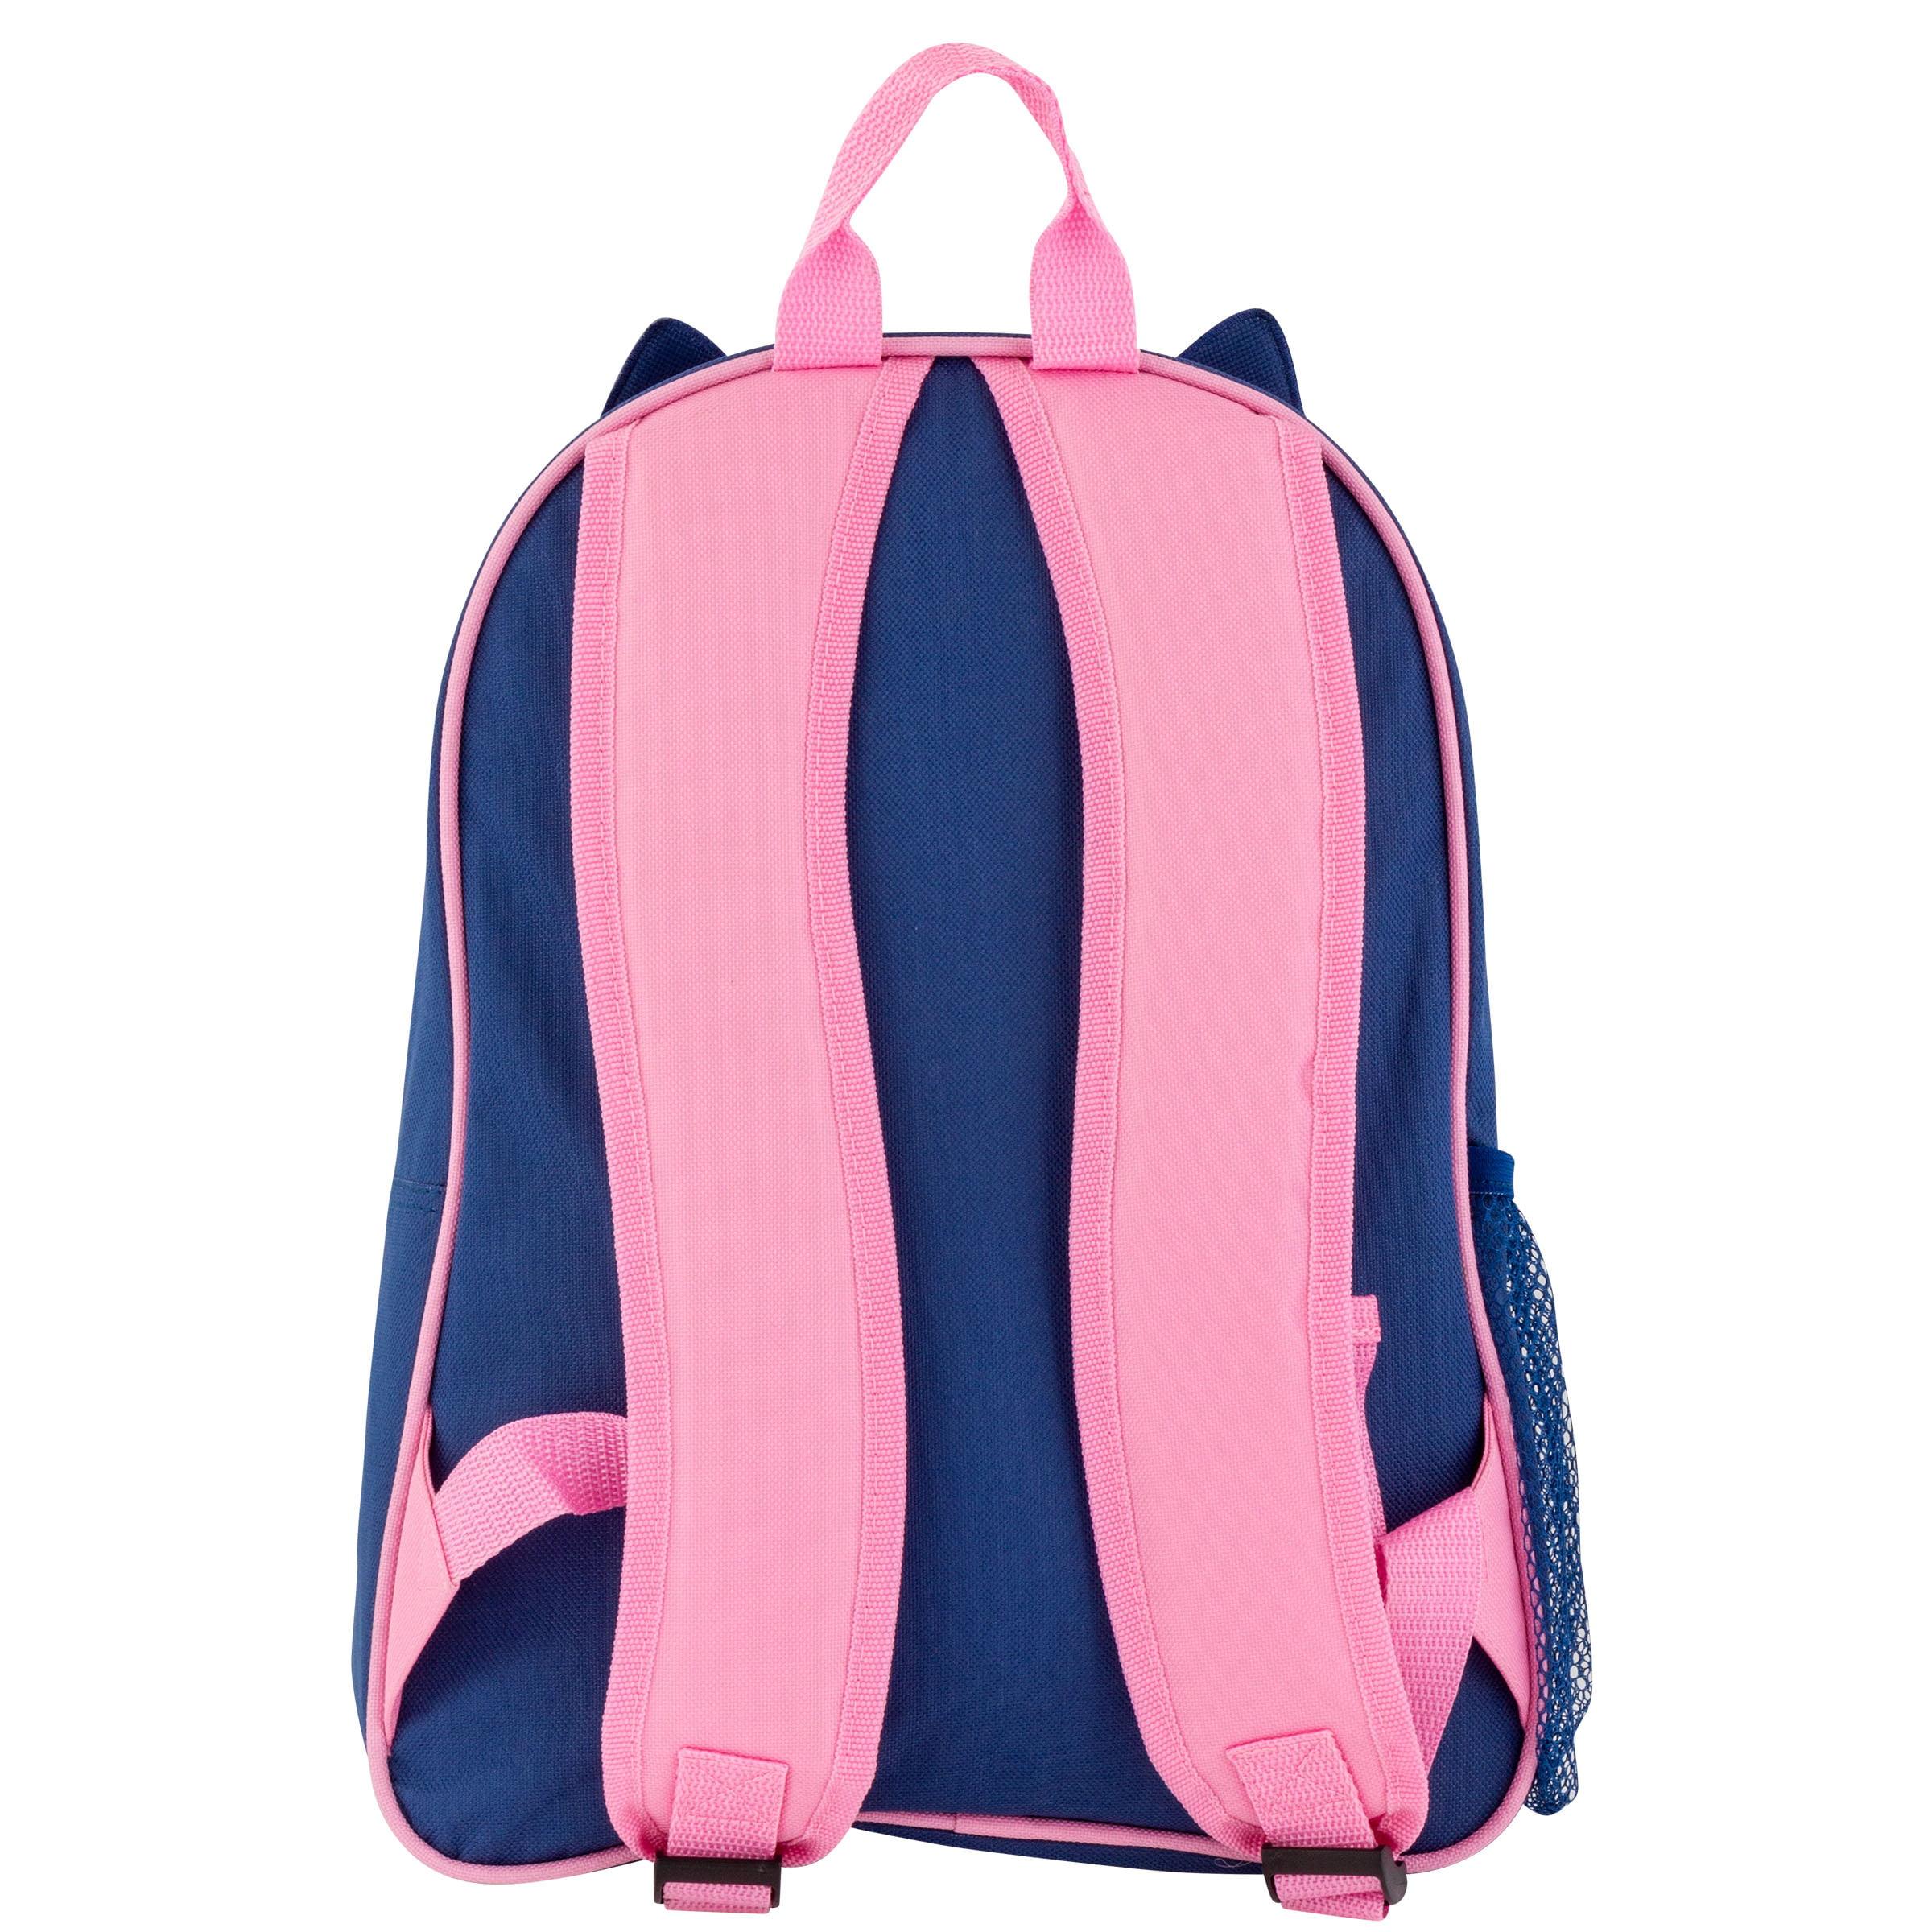 277ba2af69 Sidekicks Backpack